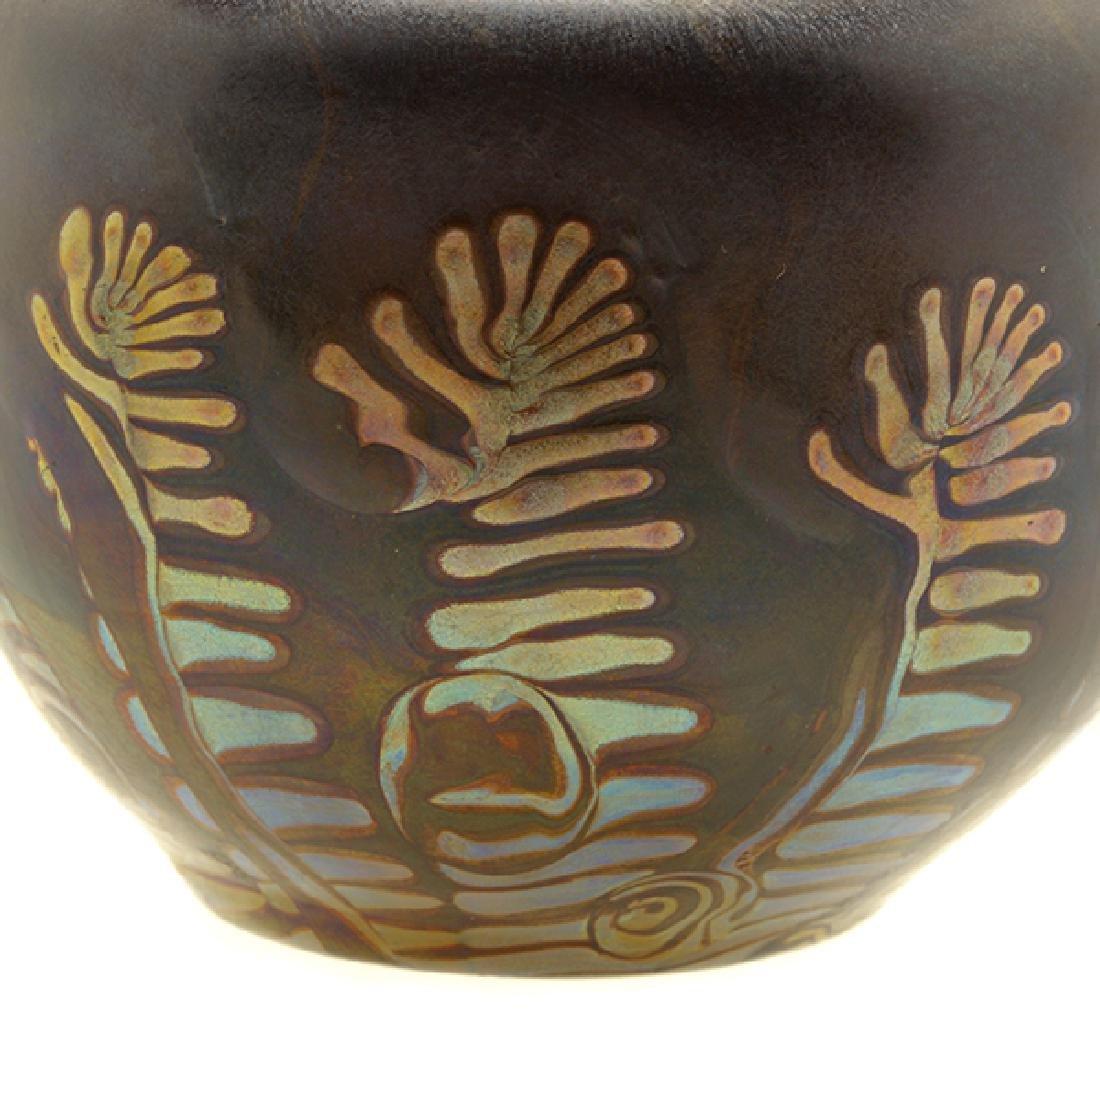 Tiffany Studios Favrile Vase - 8